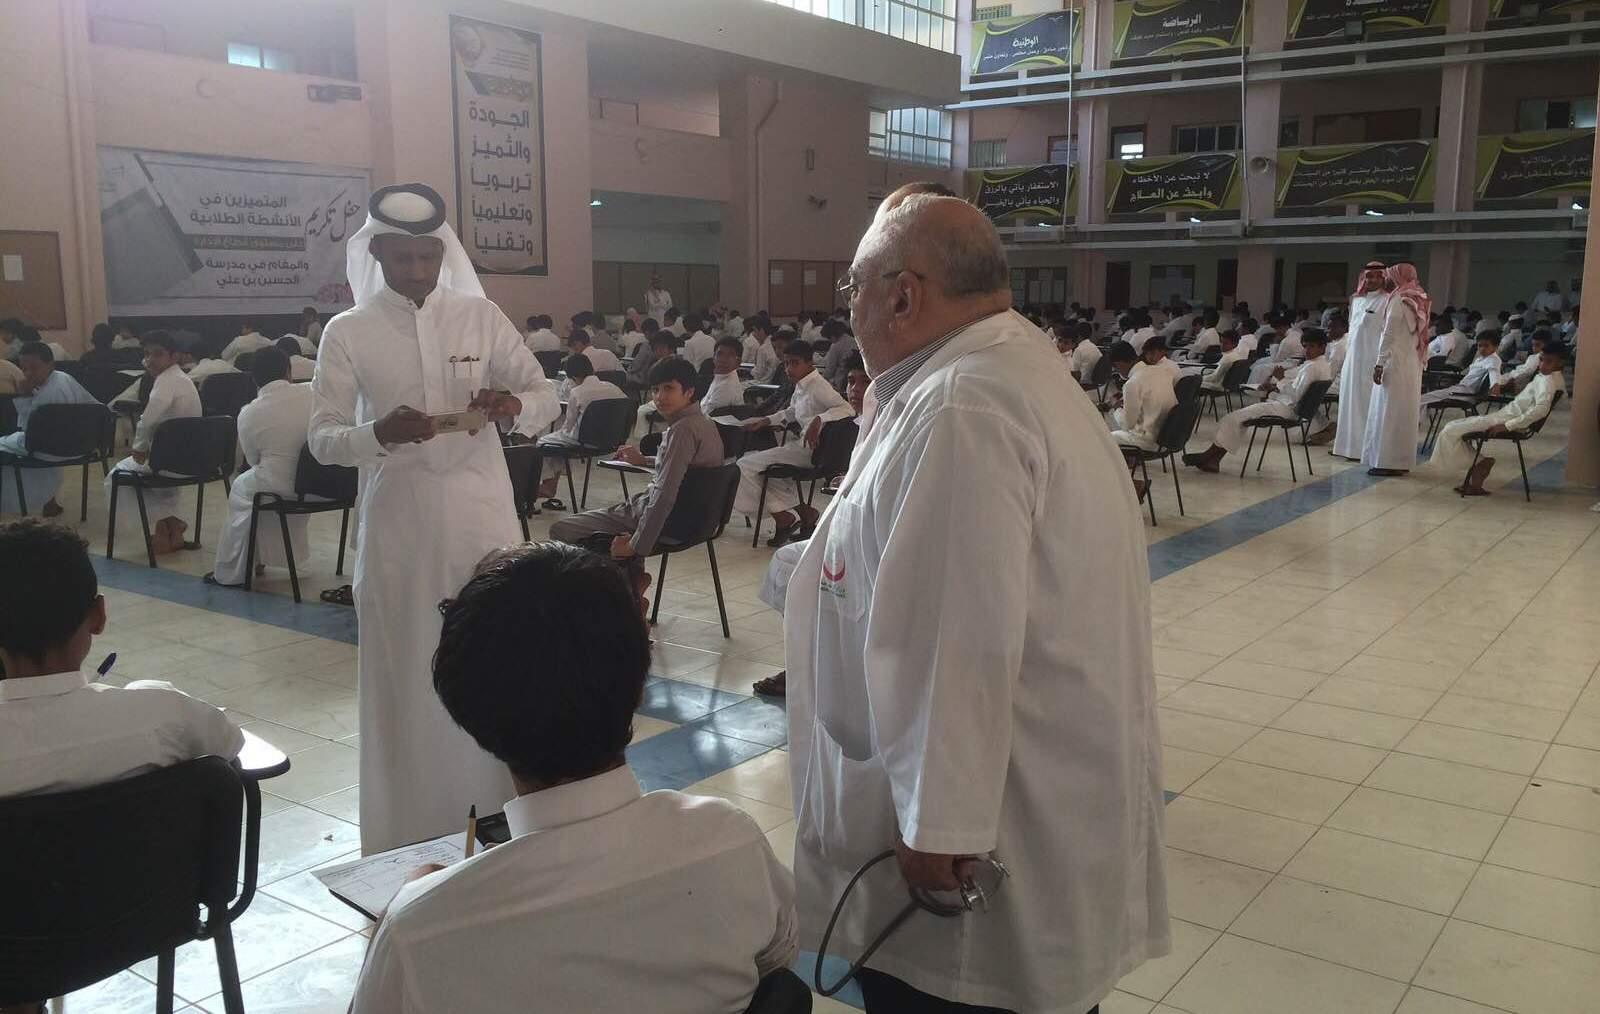 طلاب-يؤودون-الاختبارات-بالقنفذة (1)